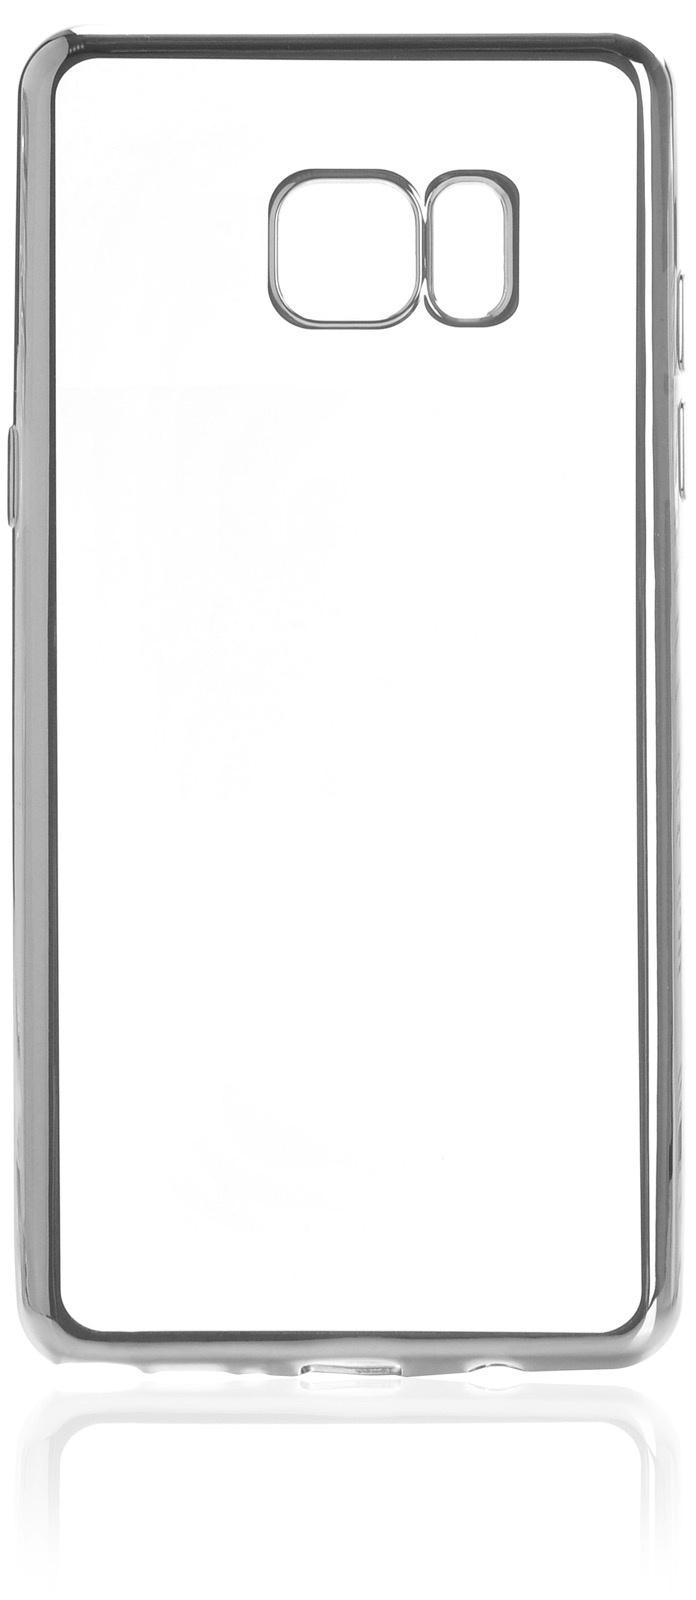 Чехол для сотового телефона iNeez накладка силикон с рамкой silver для Samsung Galaxy Note 7, прозрачный